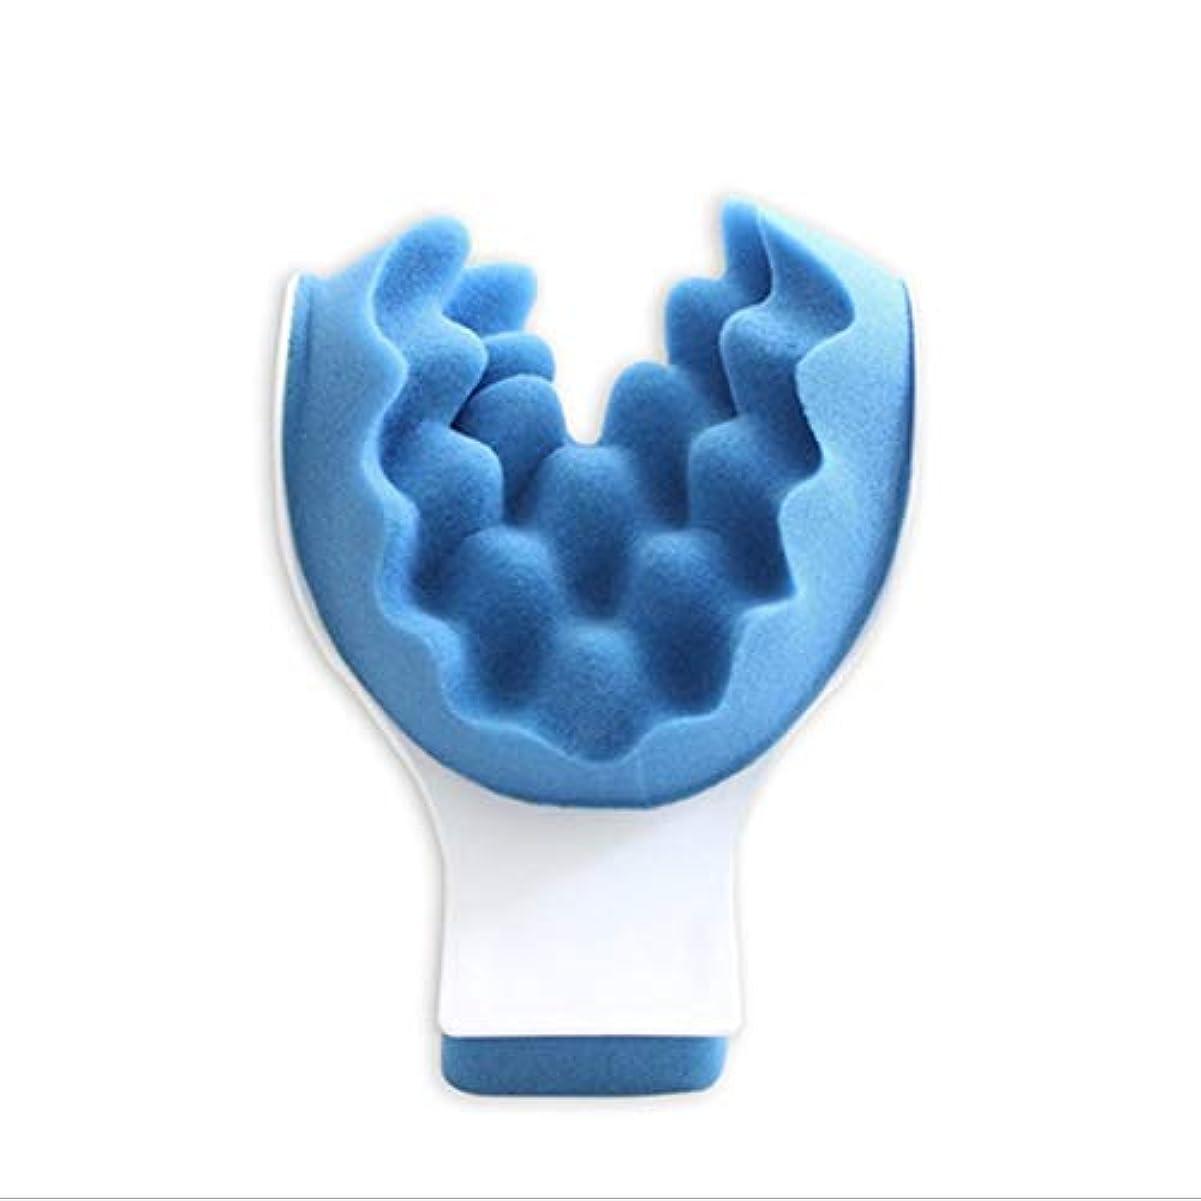 誠実さとは異なり鋼マッスルテンションリリーフタイトネスと痛みの緩和セラピーティックネックサポートテンションリリーフネック&ショルダーリラクサー - ブルー